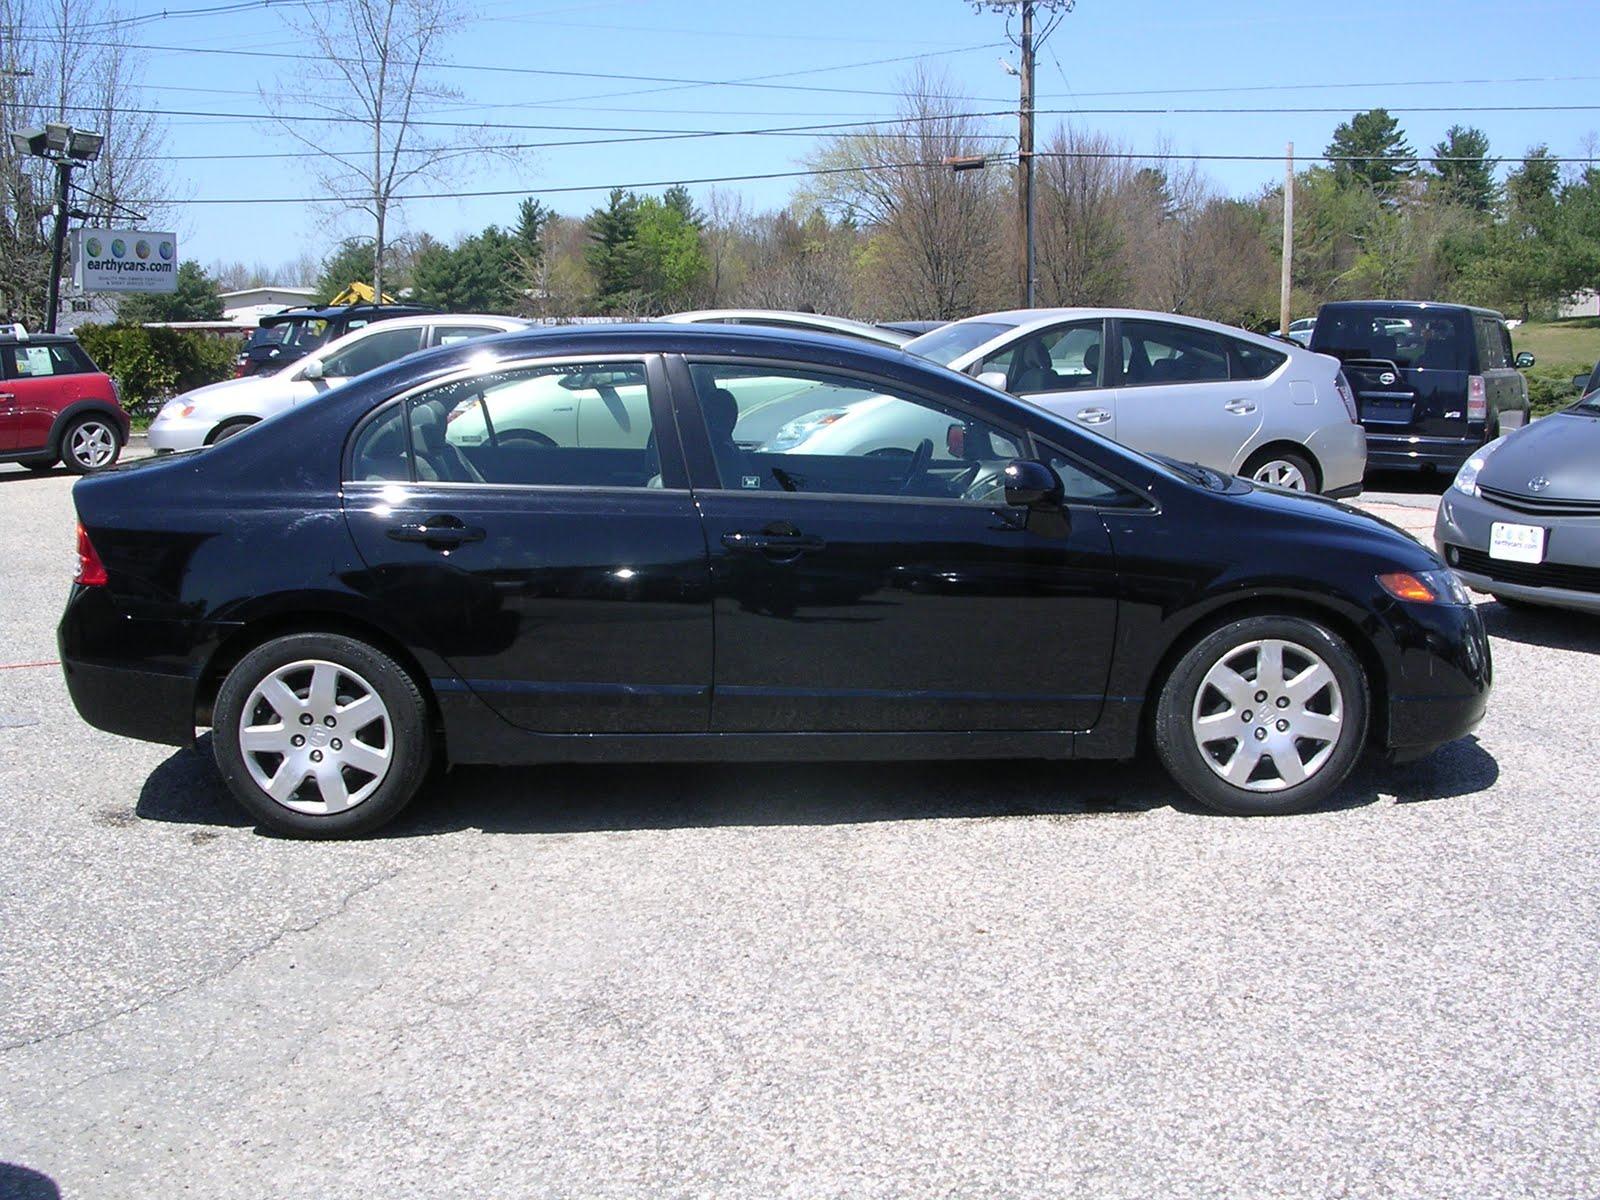 Earthy Cars Blog: EARTHY CARS SPOTLIGHT: 05.16.2011